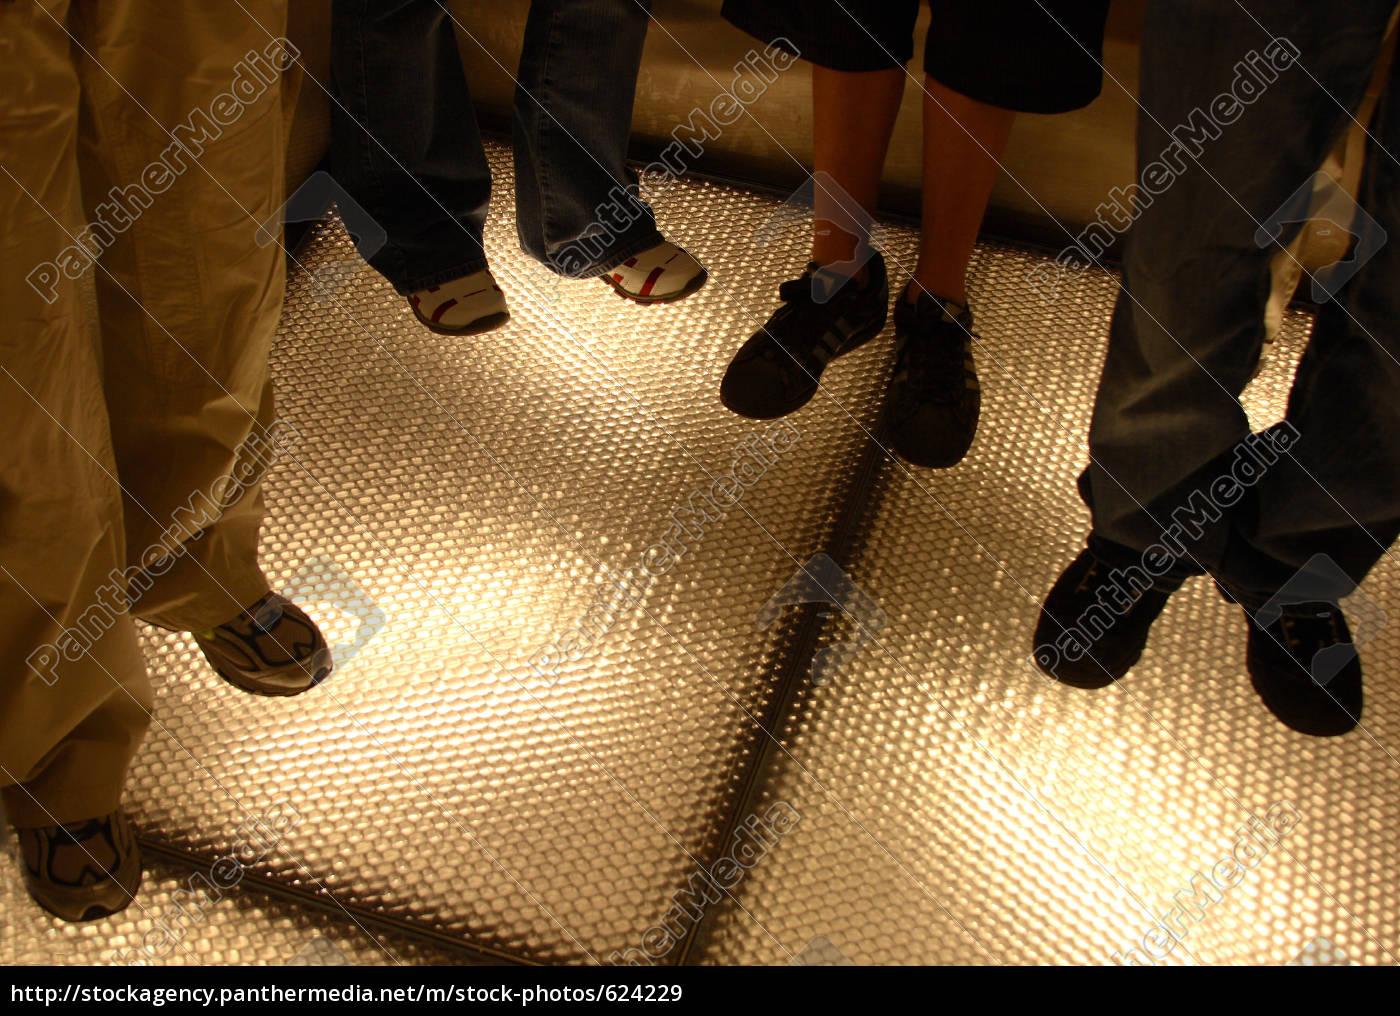 standing, feet - 624229